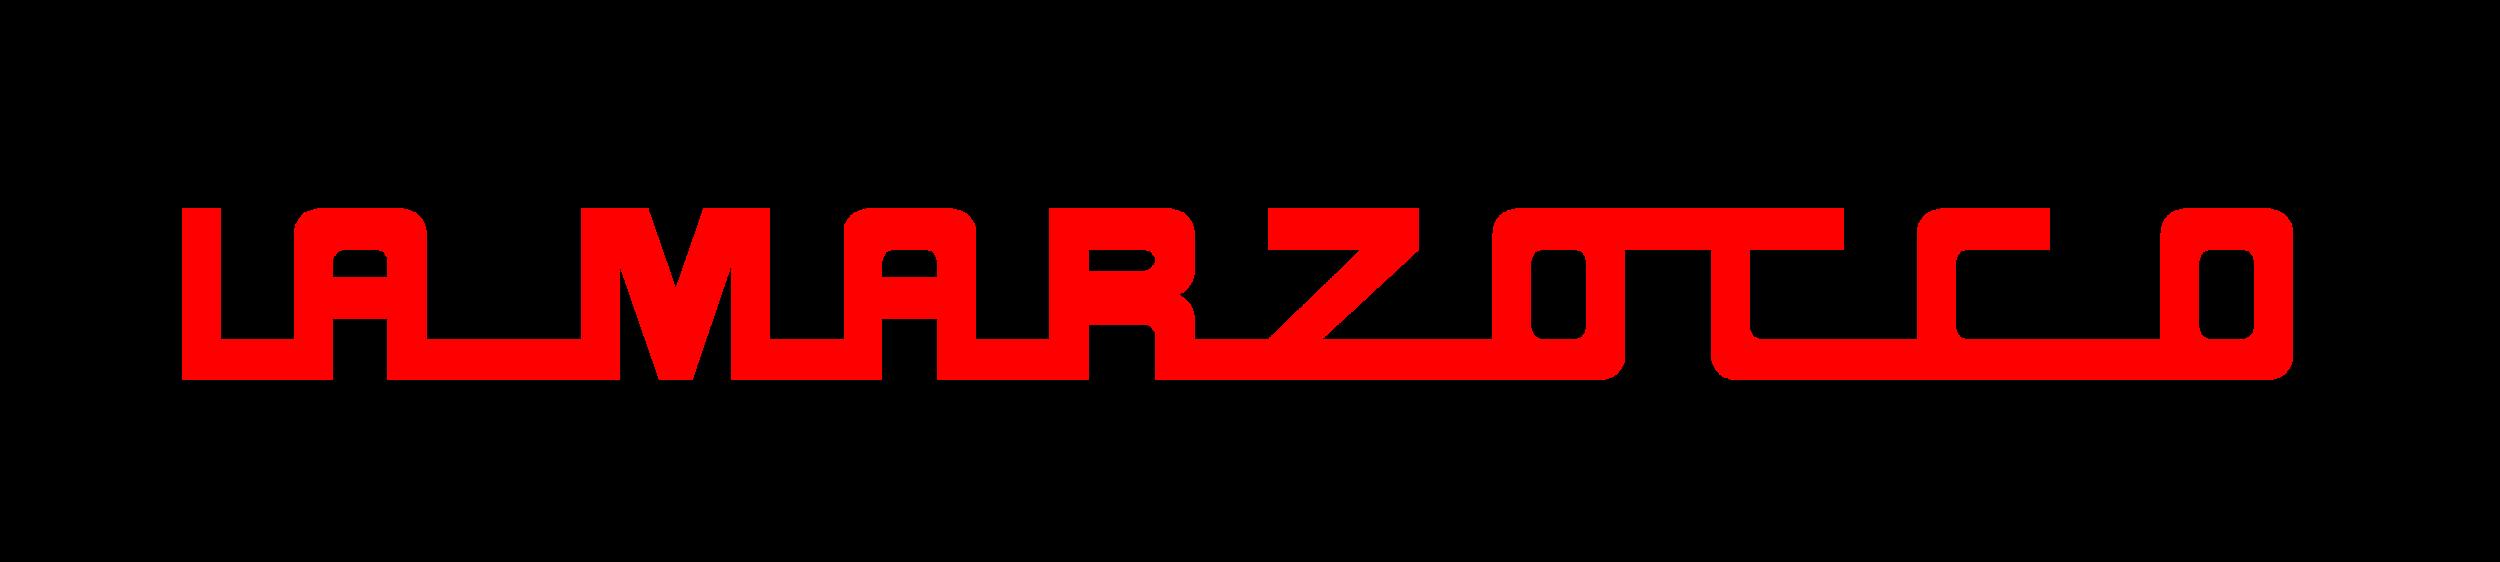 La Marzocco Espresso Machines Logo